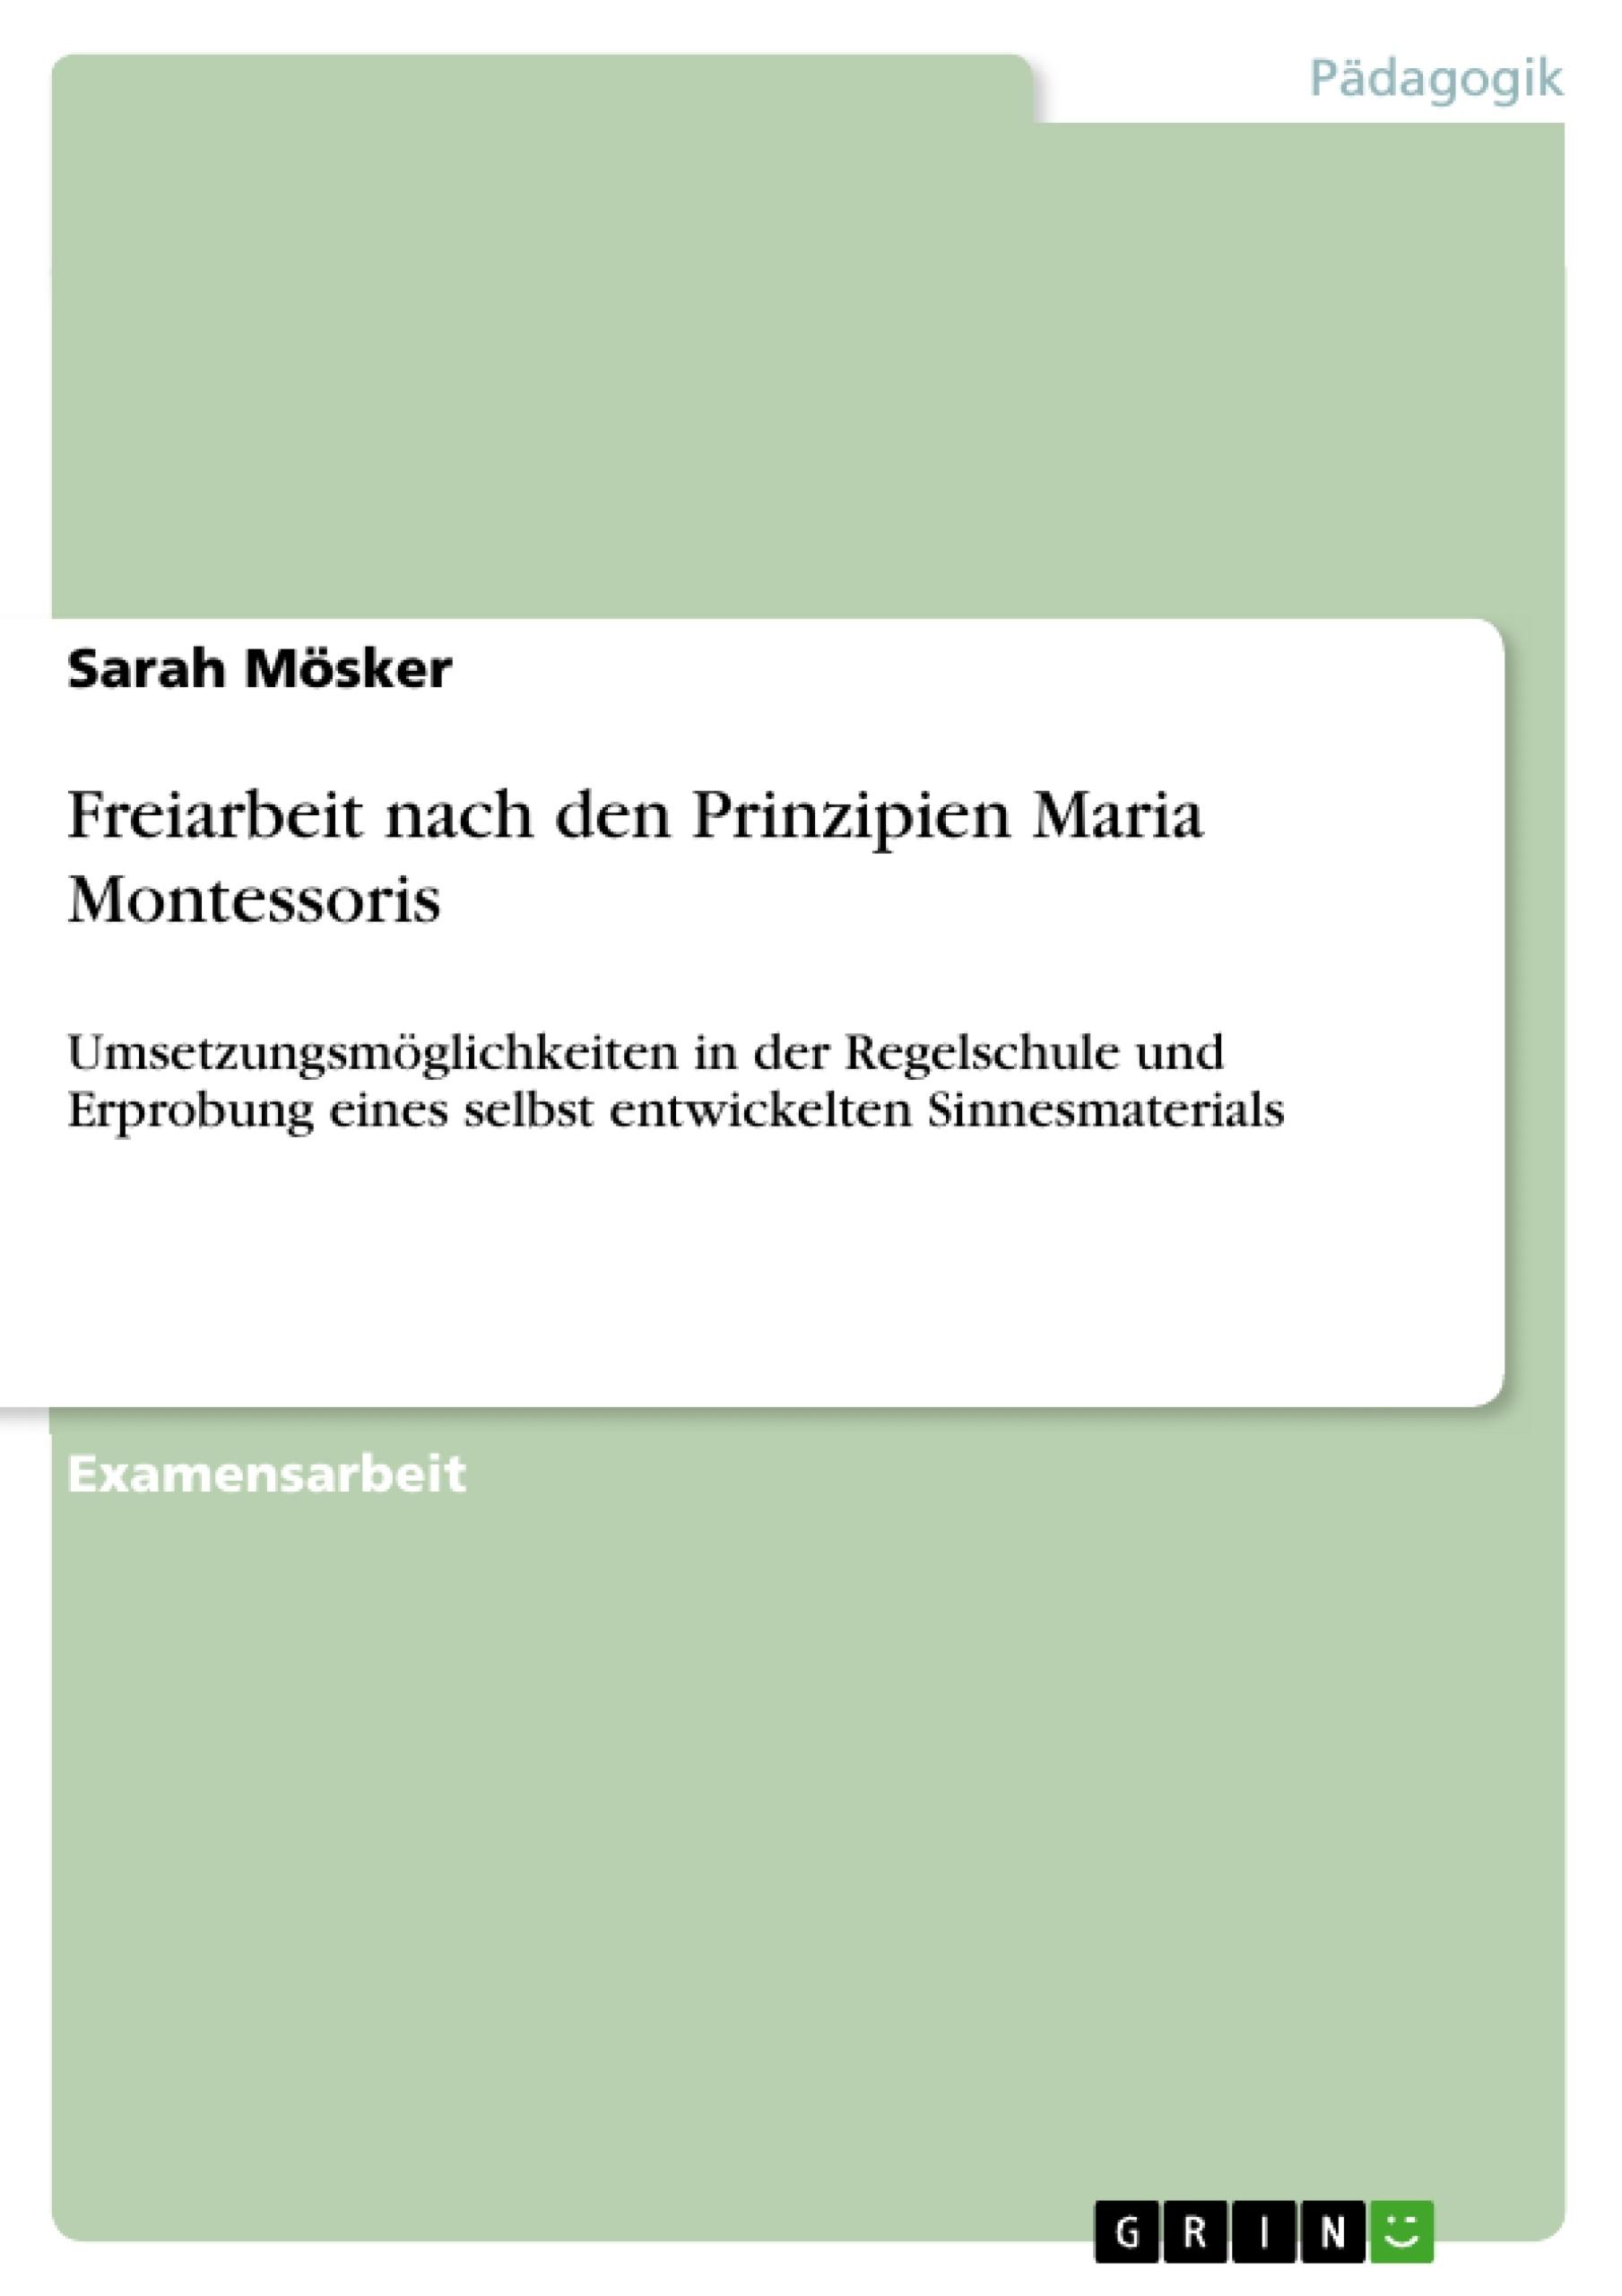 Freiarbeit nach den Prinzipien Maria Montessoris | Hausarbeiten ...